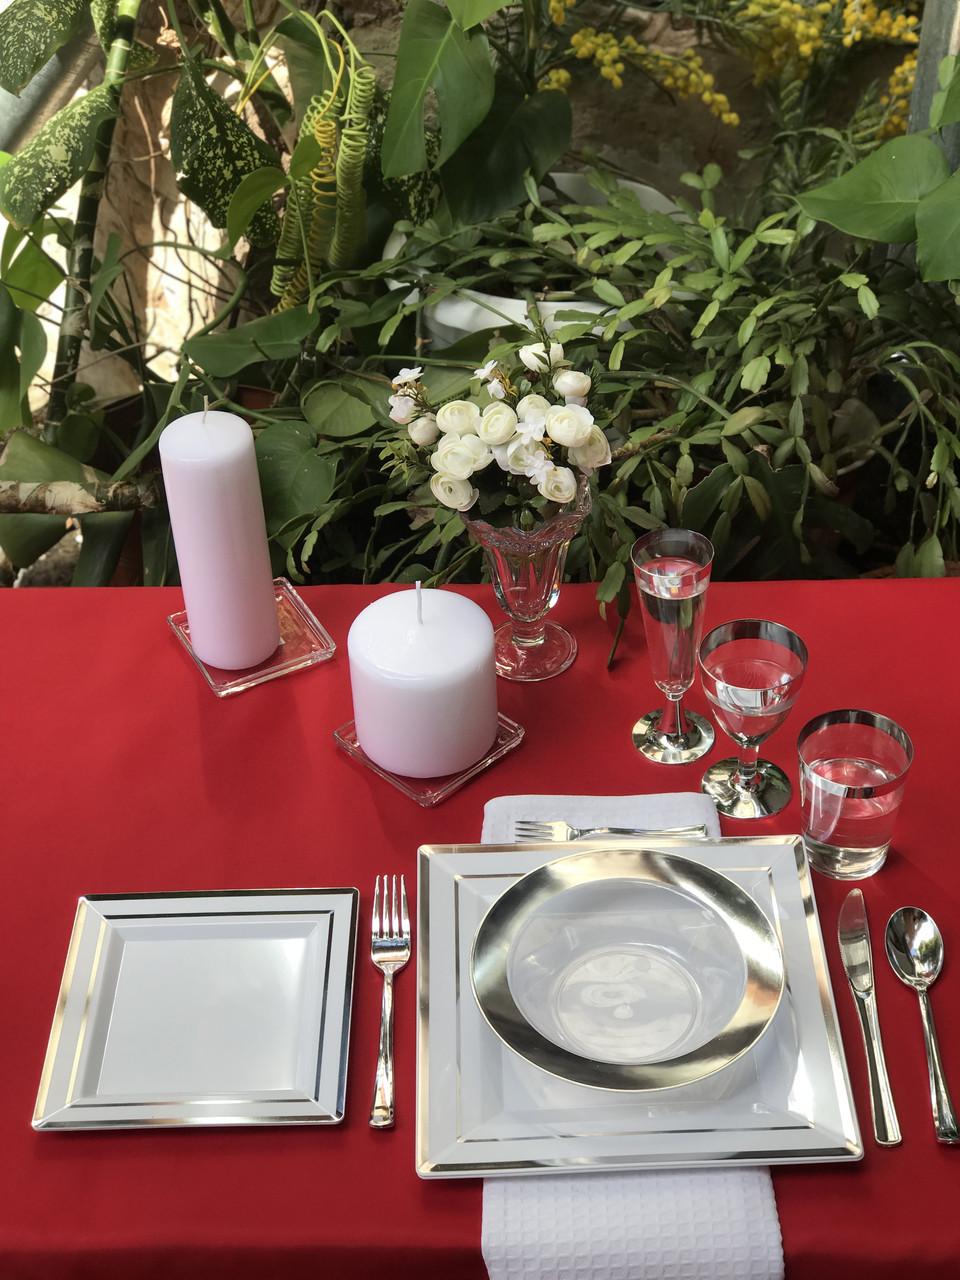 Одноразовая пластиковая посуды премиум термостойкая 96 шт 6 чел. Capital For People